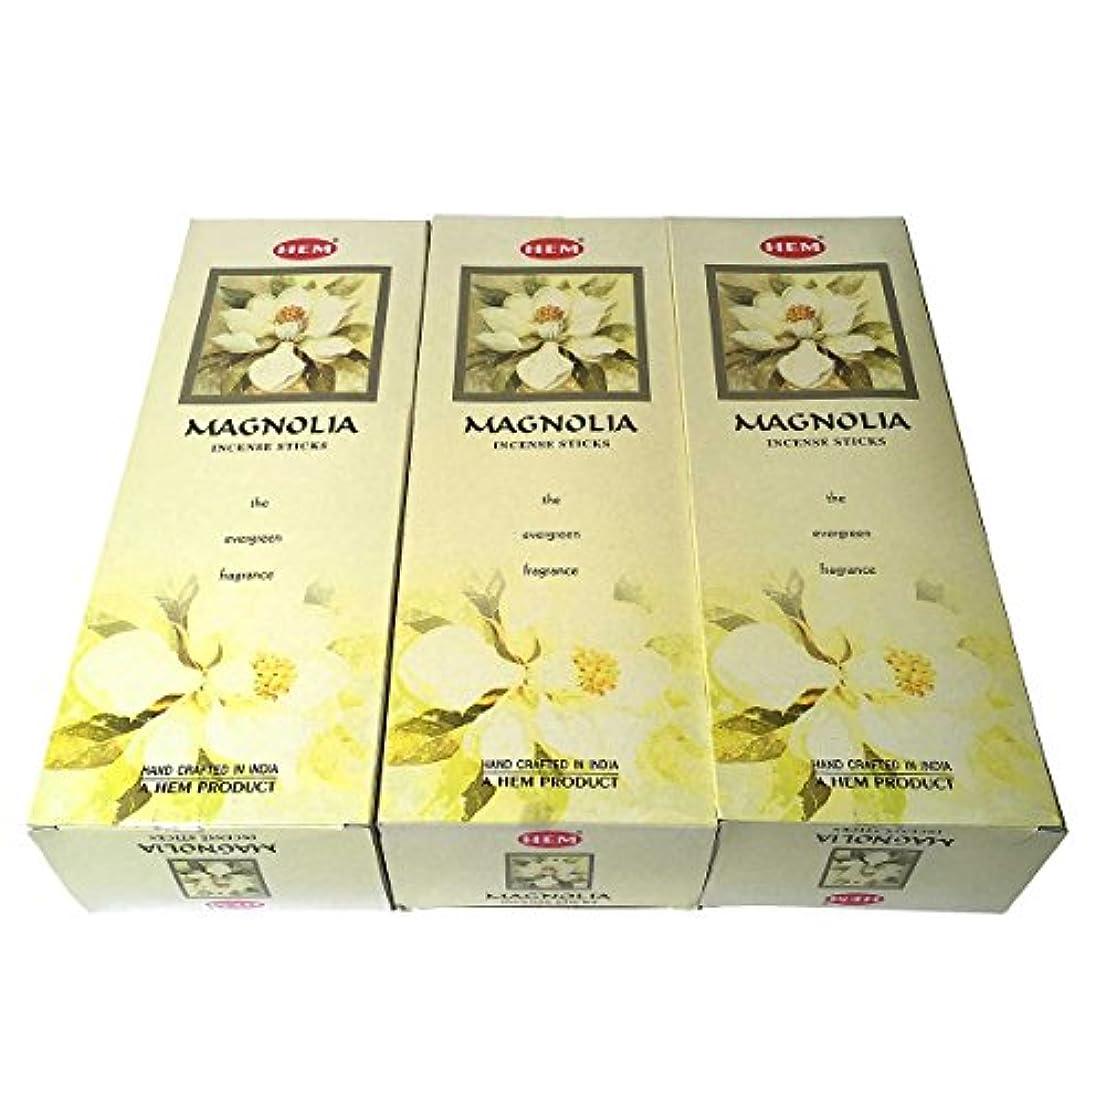 優れました部門リビングルームマグノリア香スティック 3BOX(18箱) /HEM MAGNOLIA/お香/インセンス/インド香 お香 [並行輸入品]